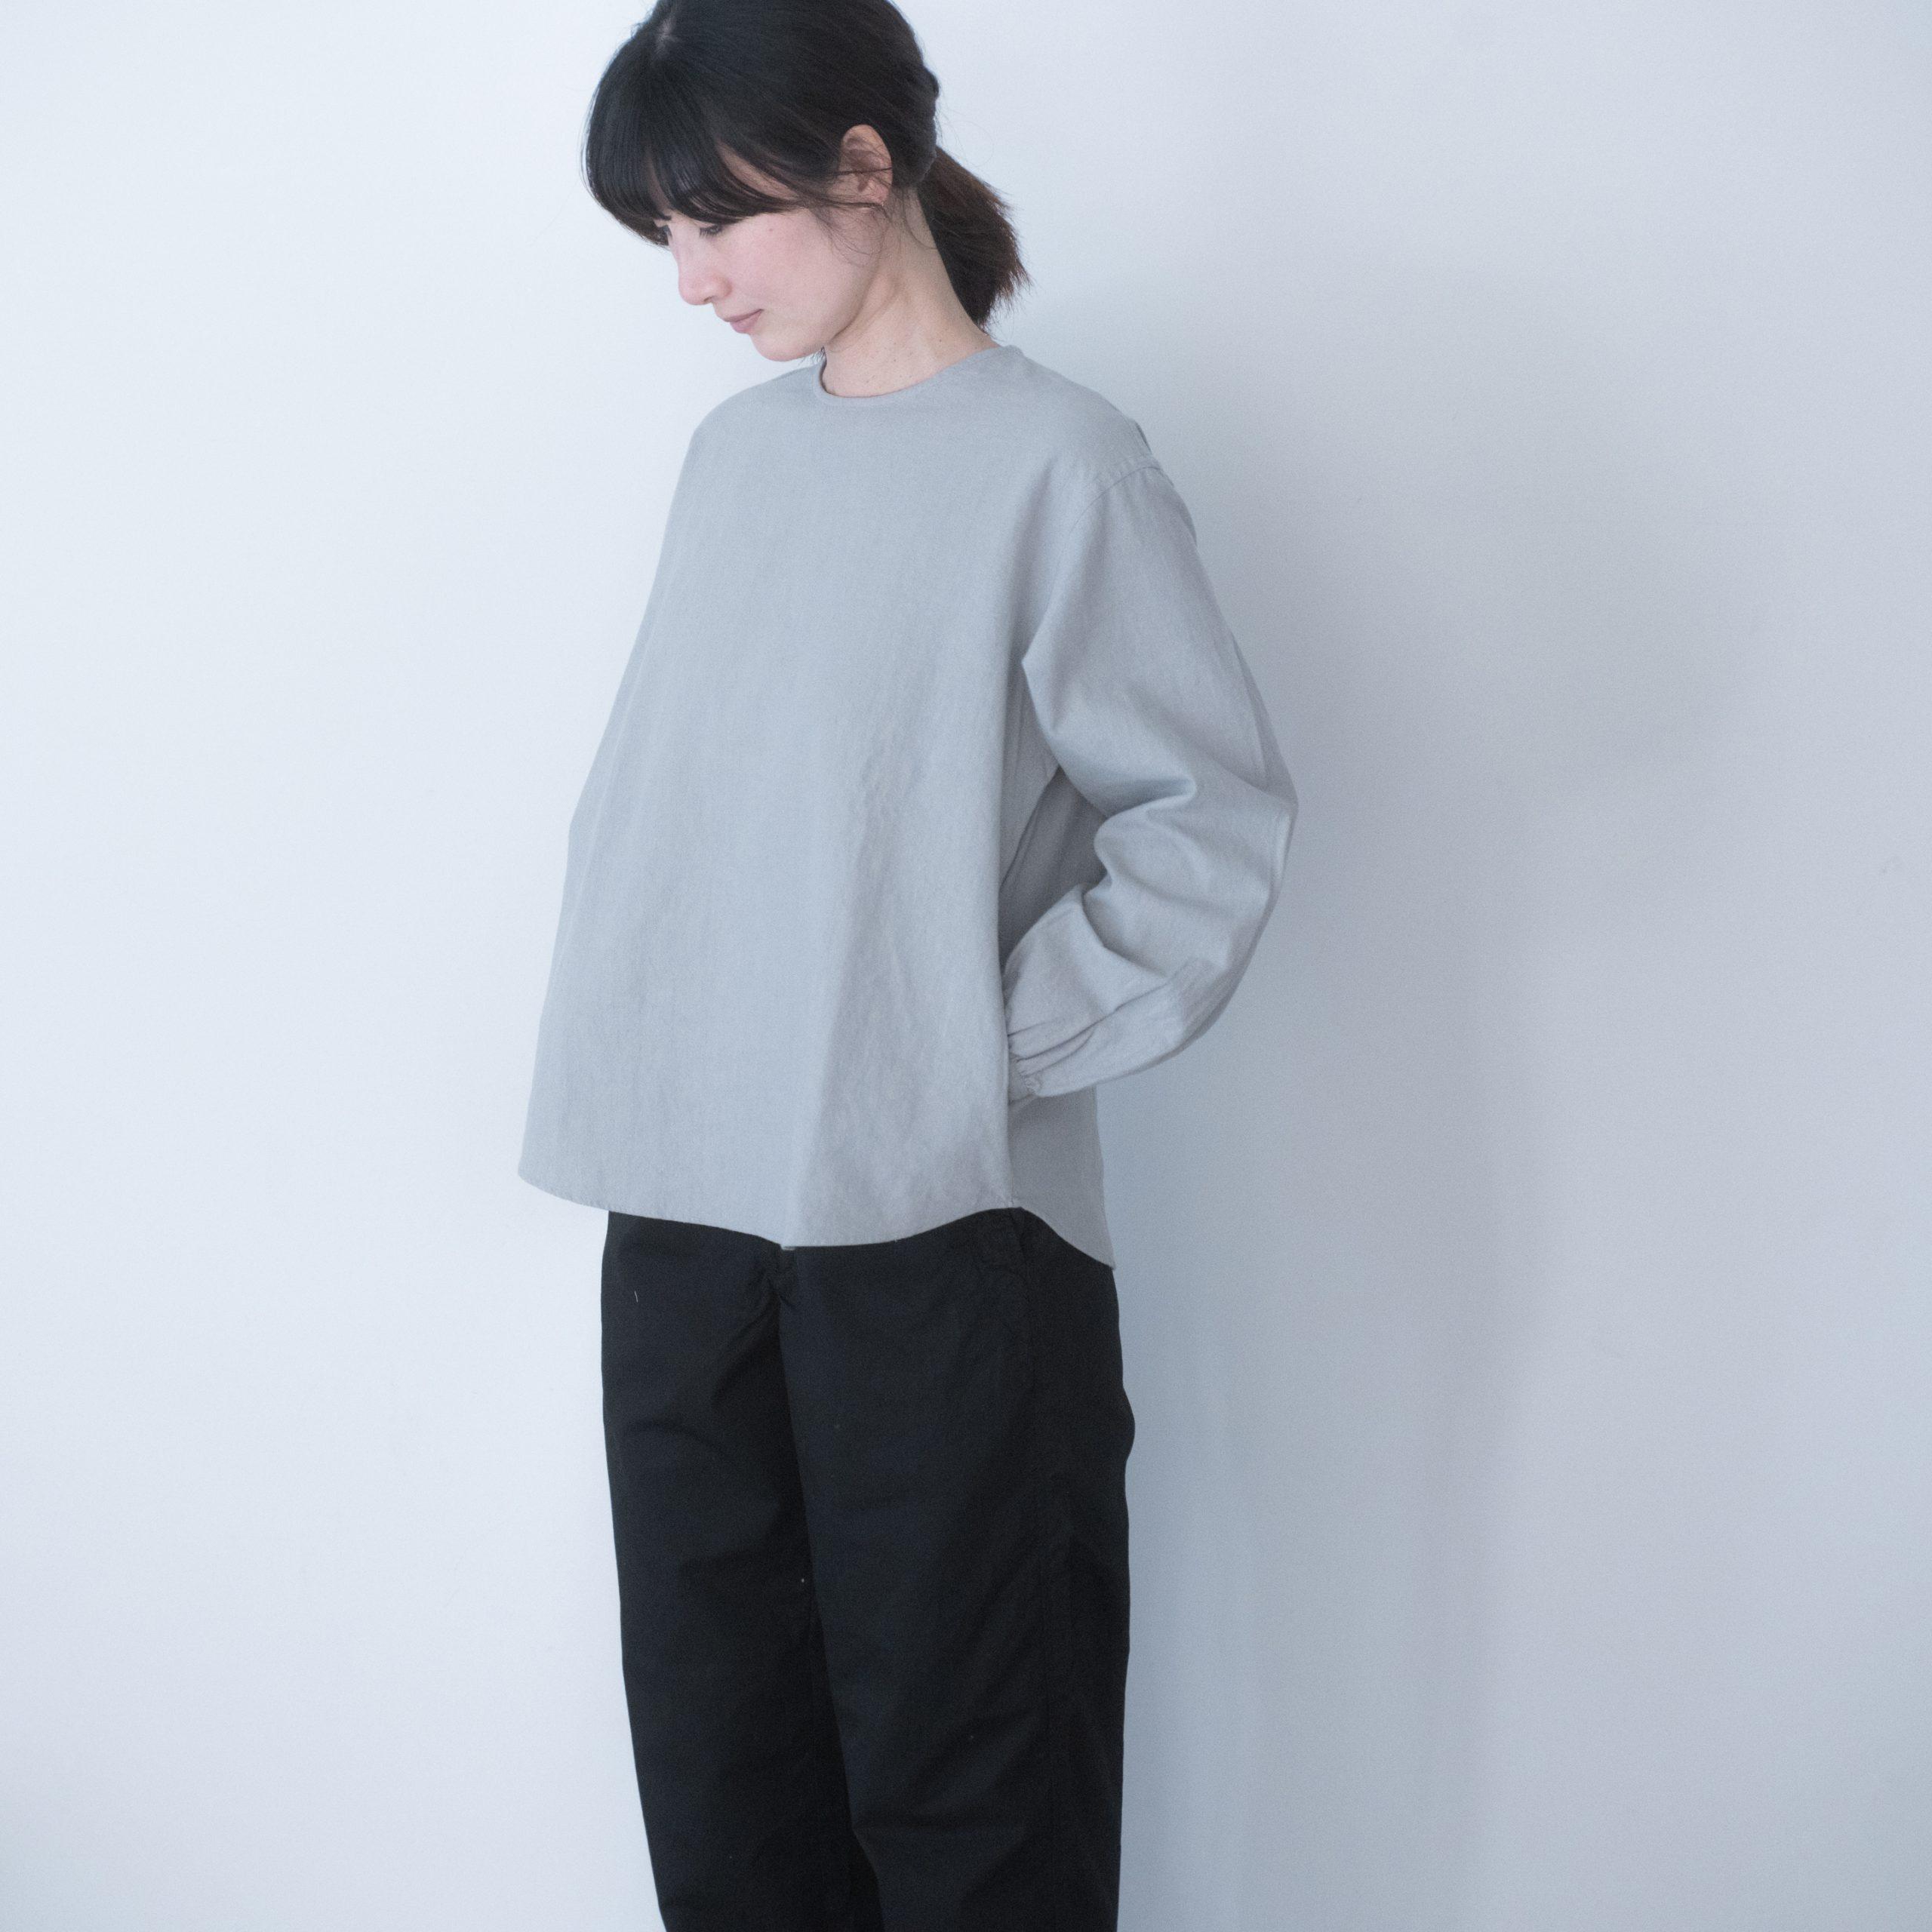 CREW(grey)